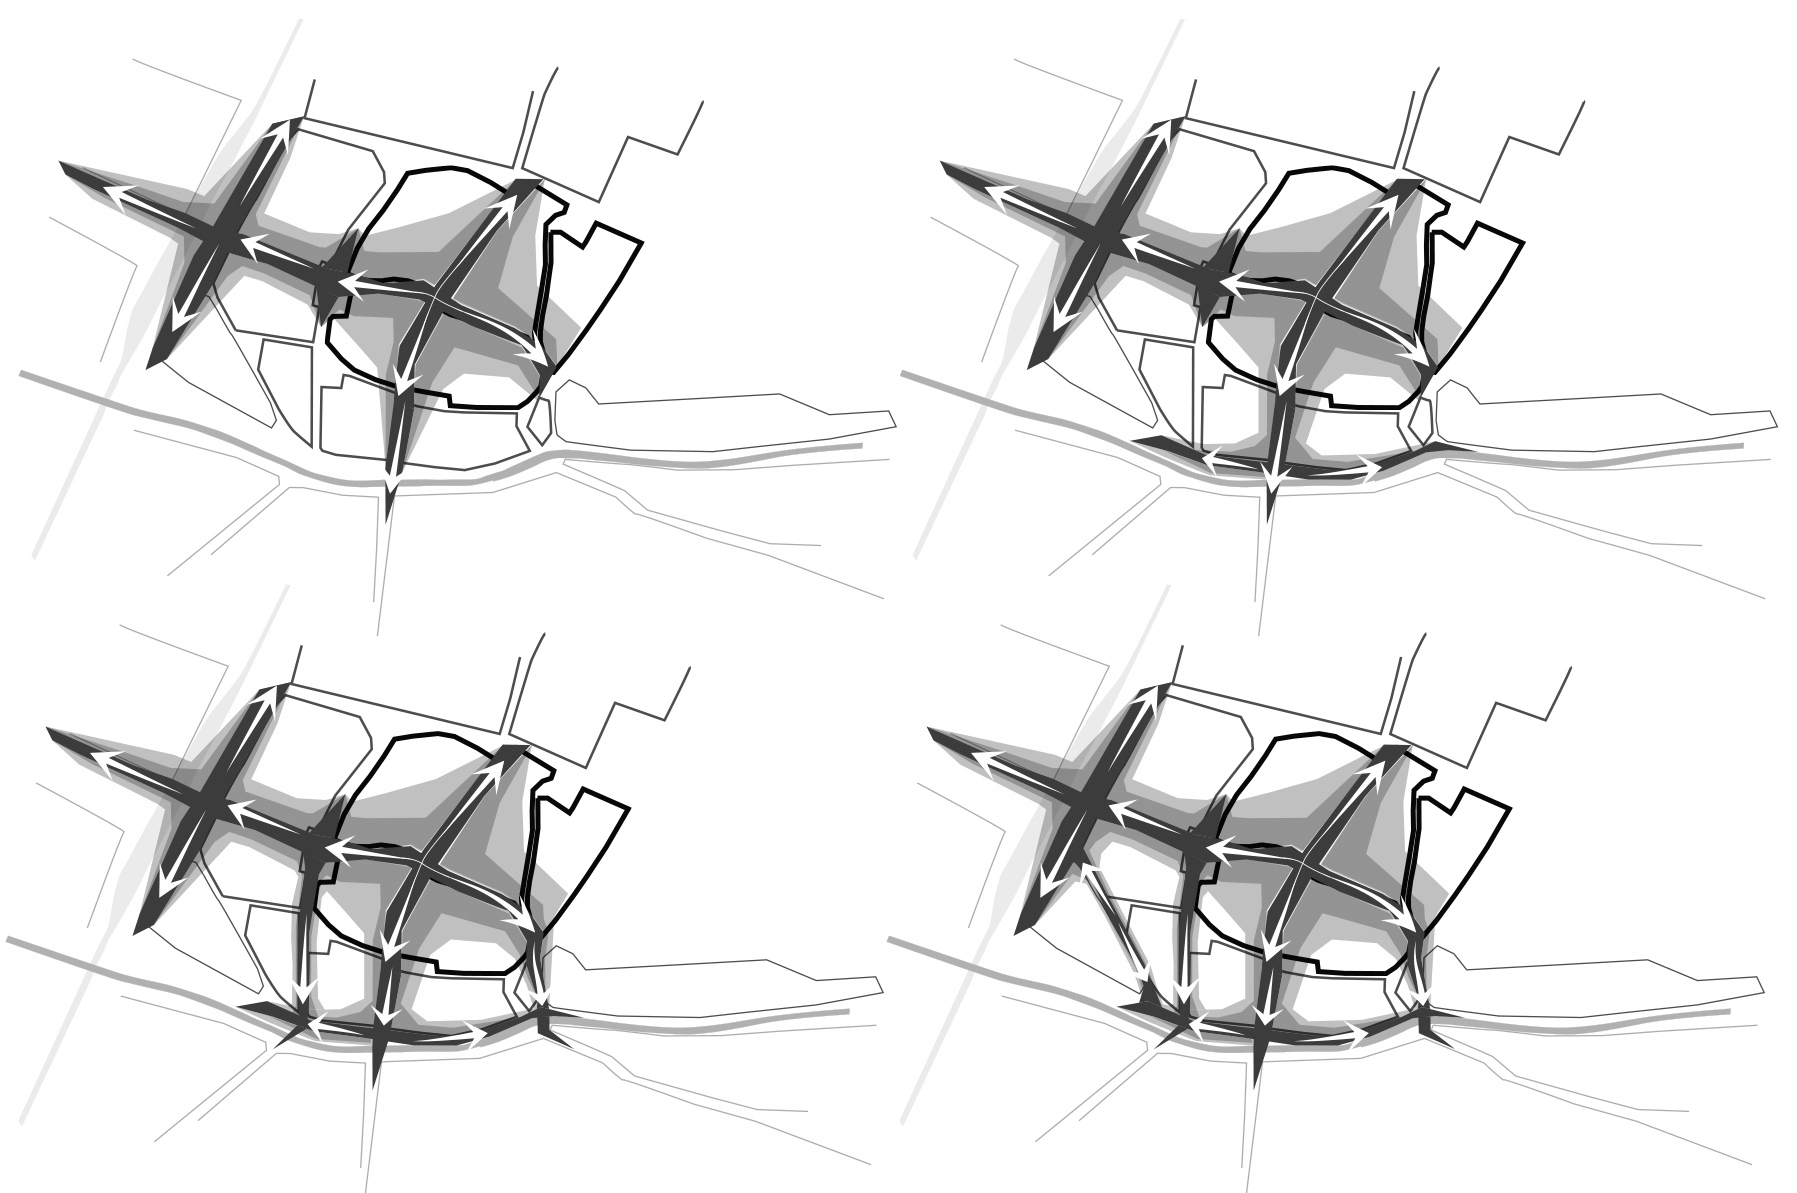 Architektur_offizin-a_Projekte_Stb_Freiburg_02.jpg